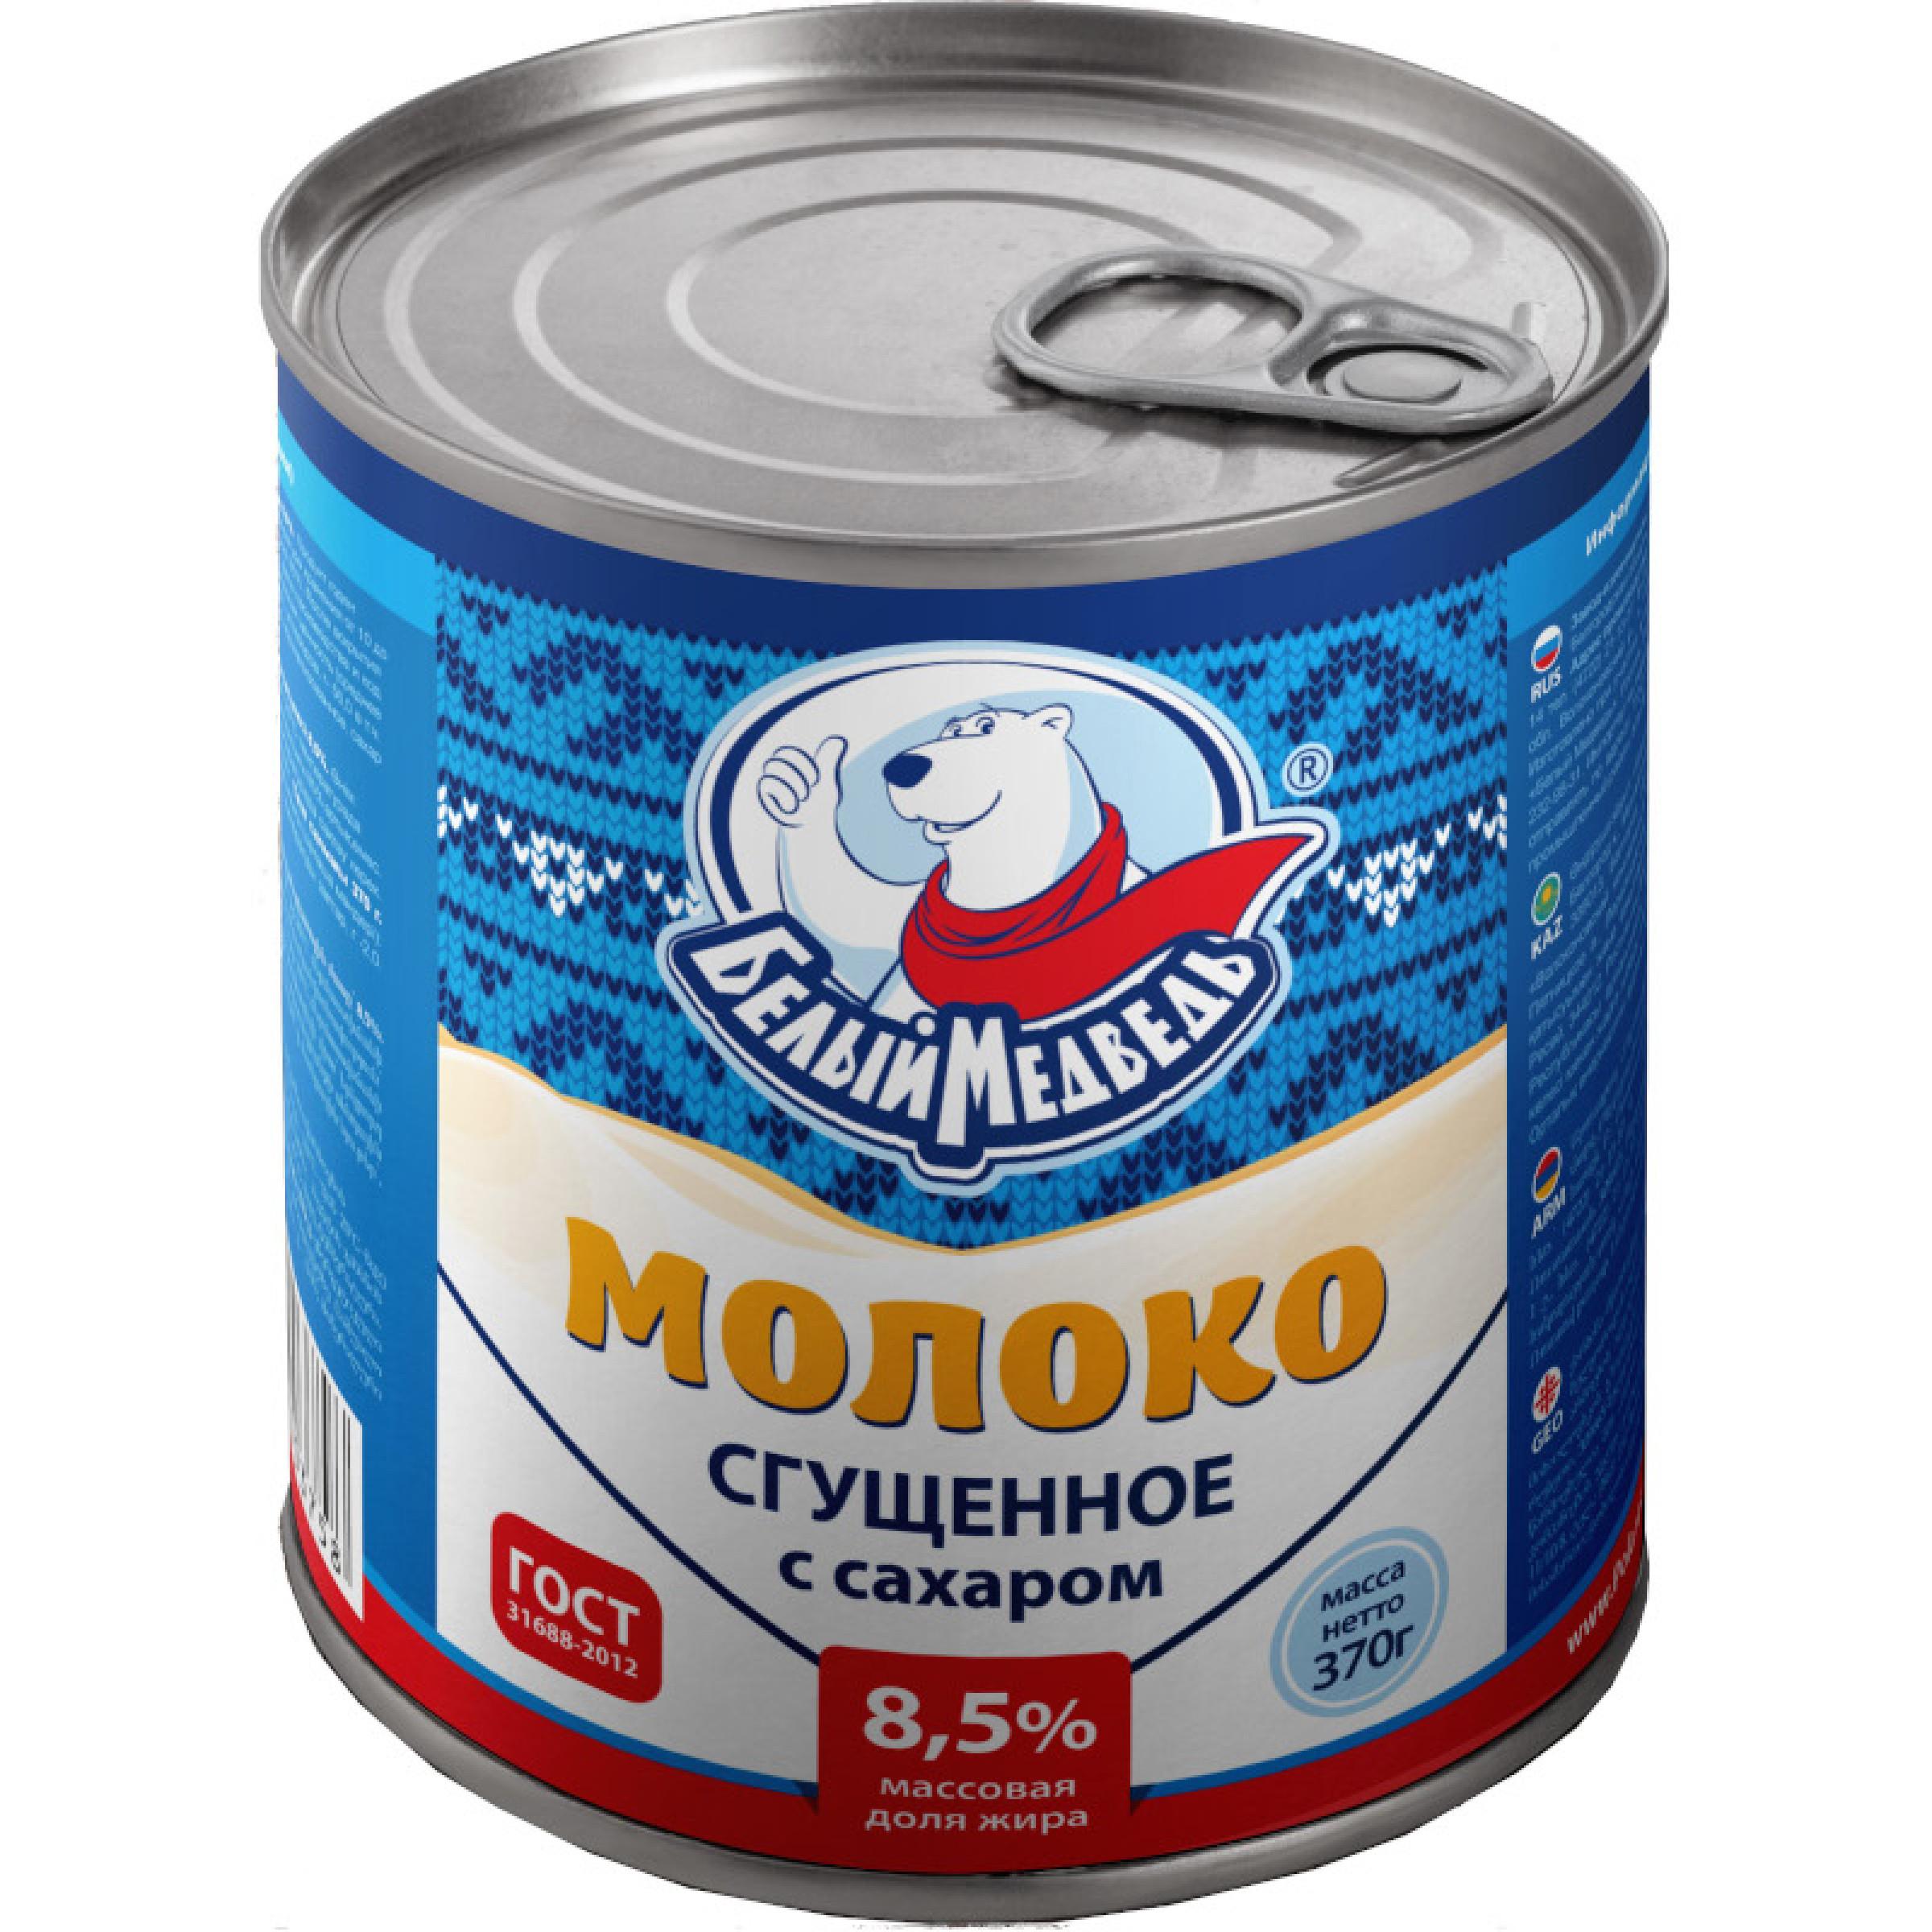 """Молоко сгущенное """"Белый Медведь"""" 8, 5%, 370гр."""